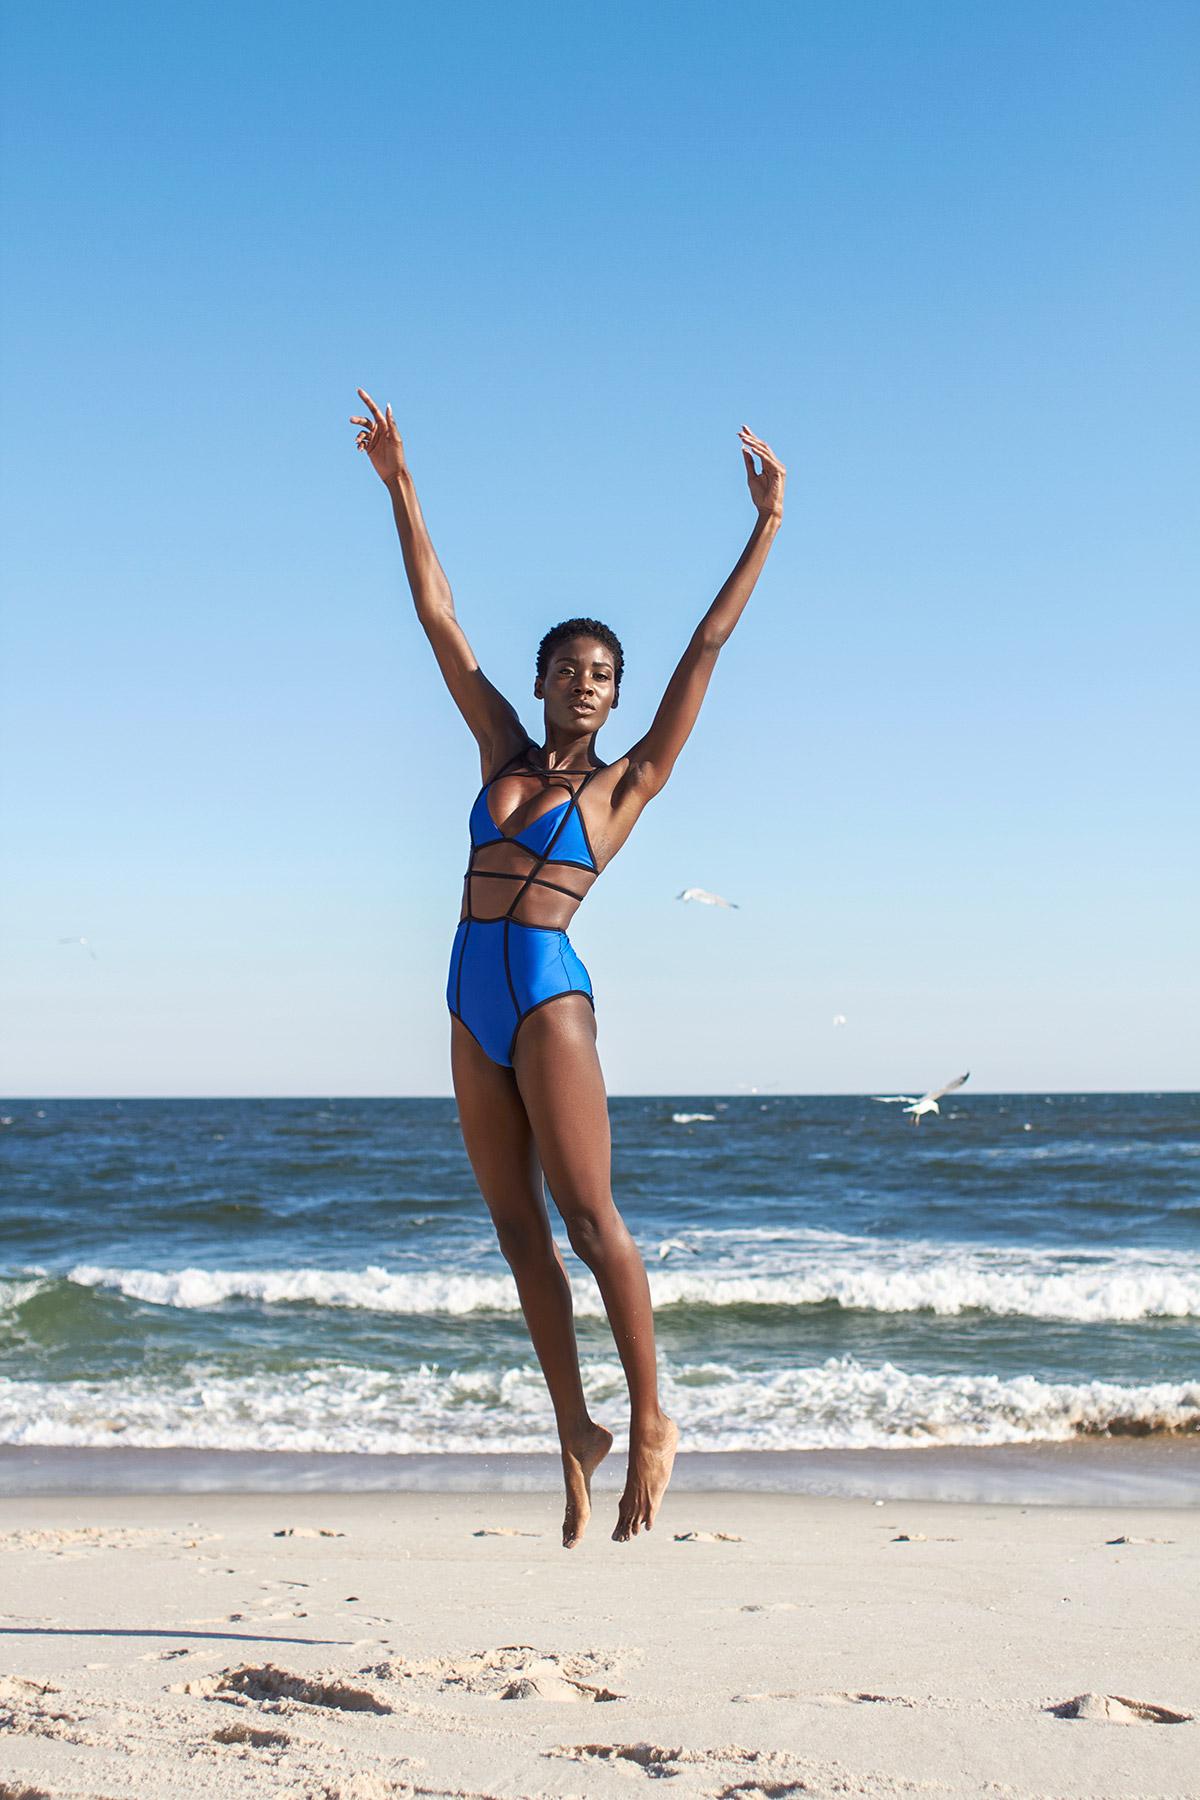 mirza-babic-fashion-photography-new-york-ny-nikon-high-fashion-swim2.jpg